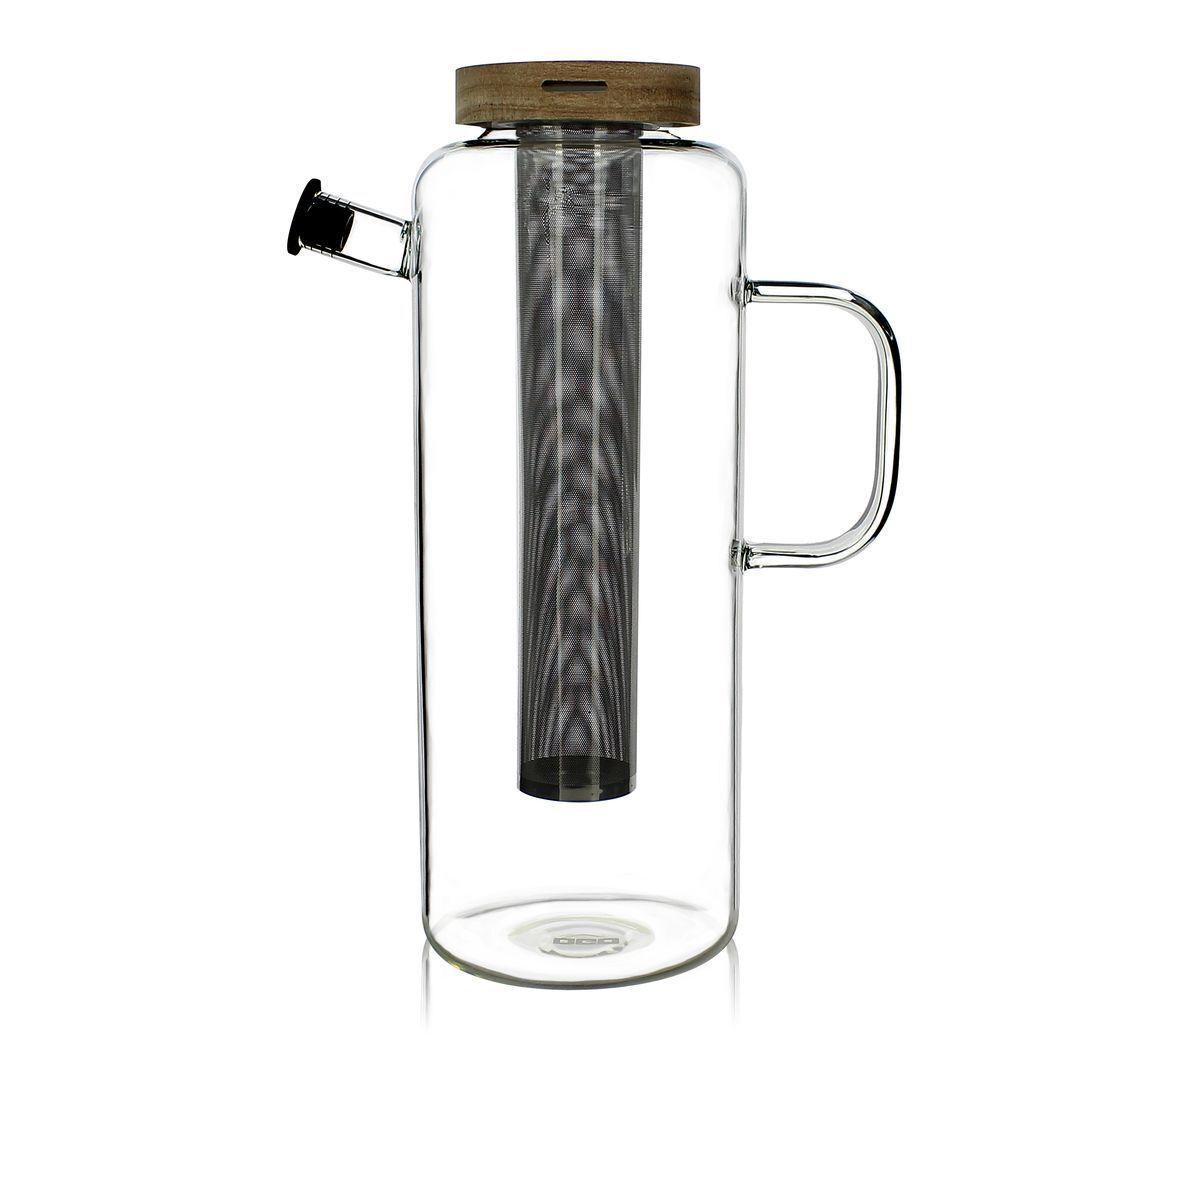 OGO Living Carafe infuseur en verre 1,5L